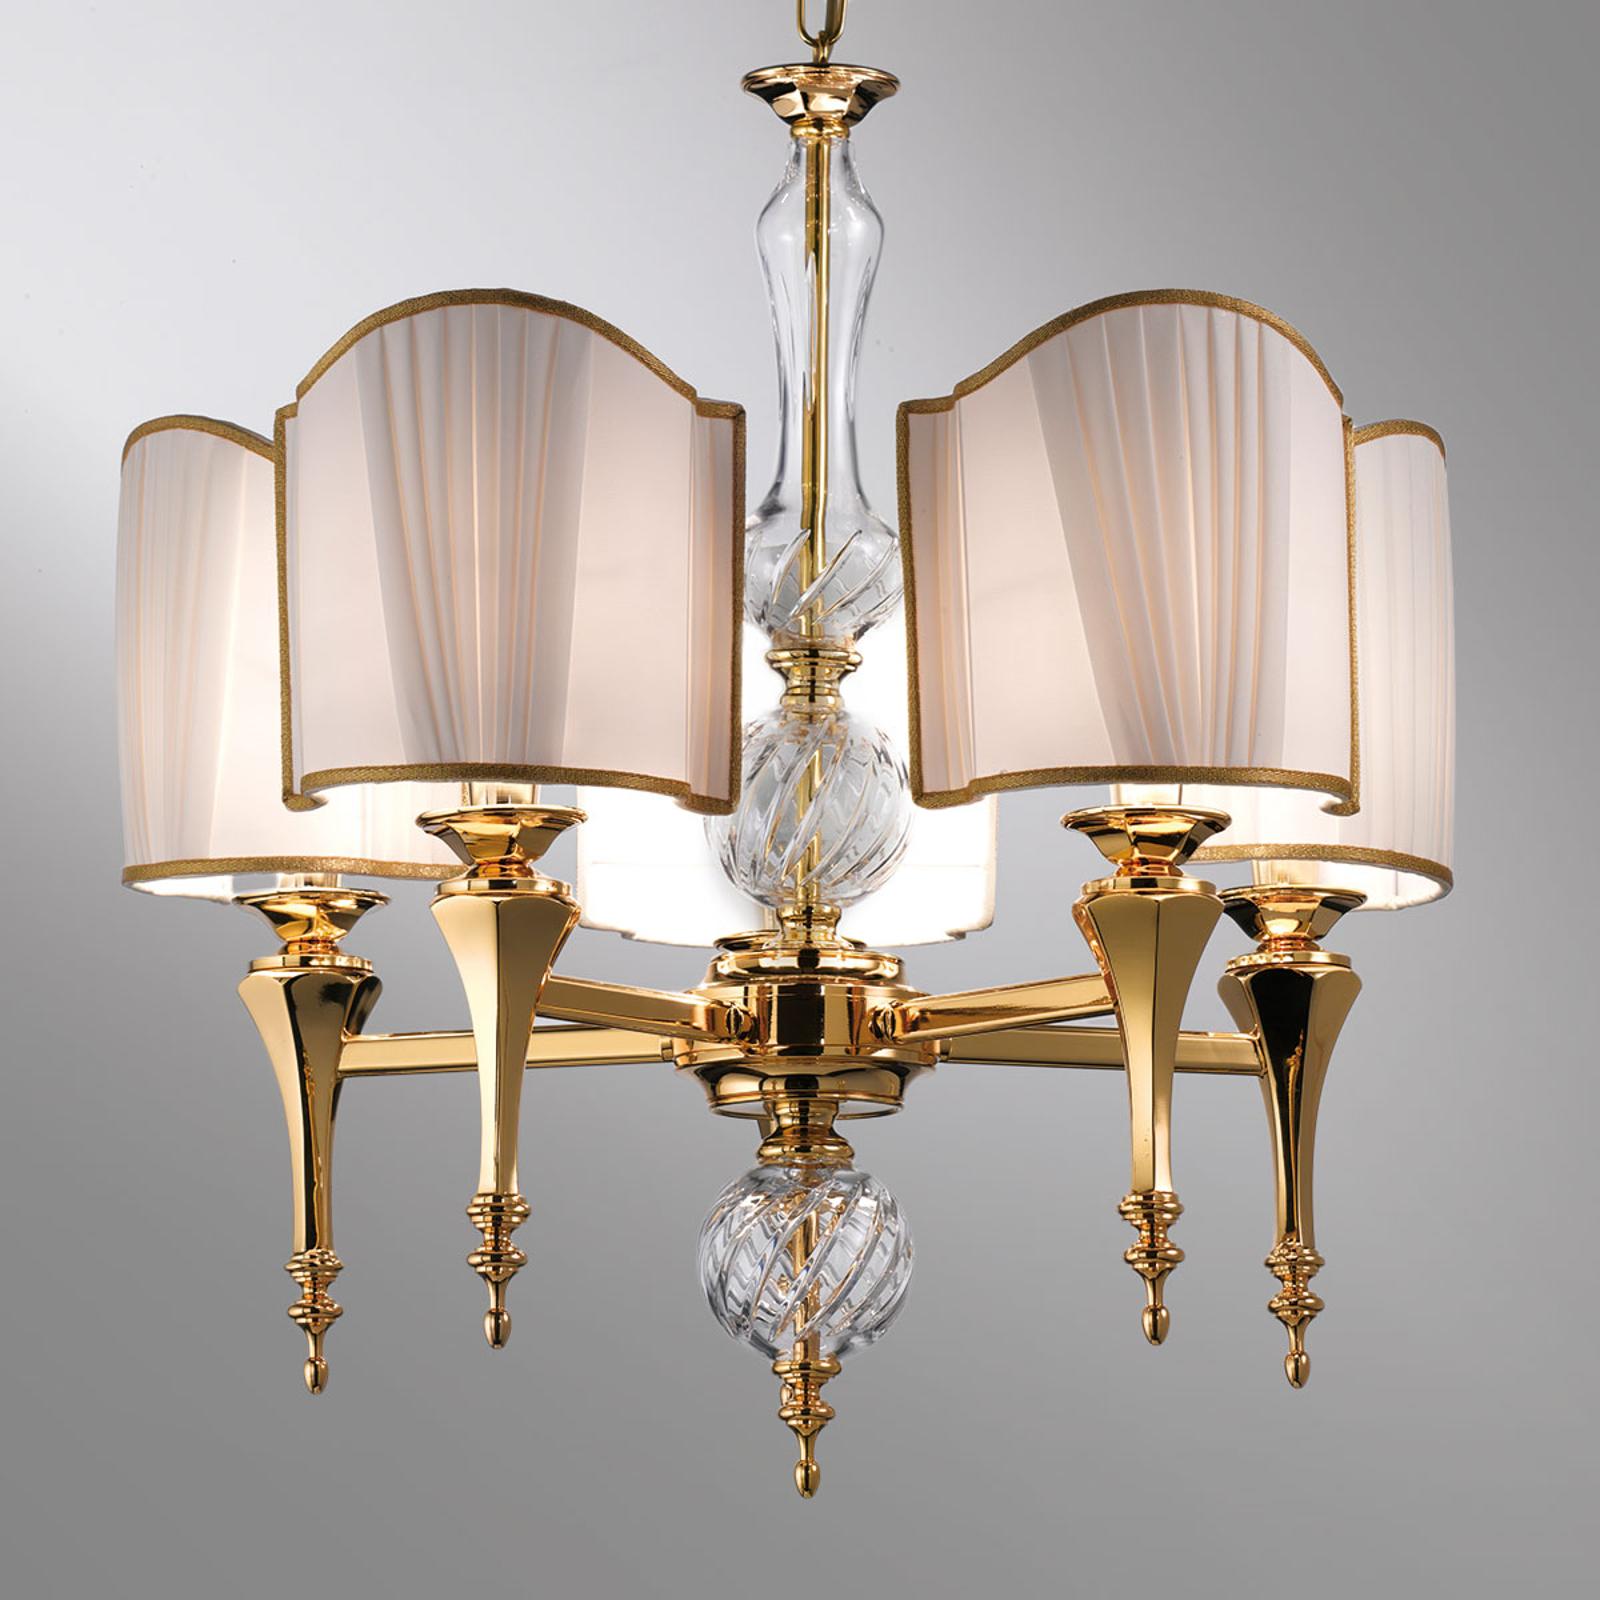 Belle Epoque - statige hanglamp, 5-lichts